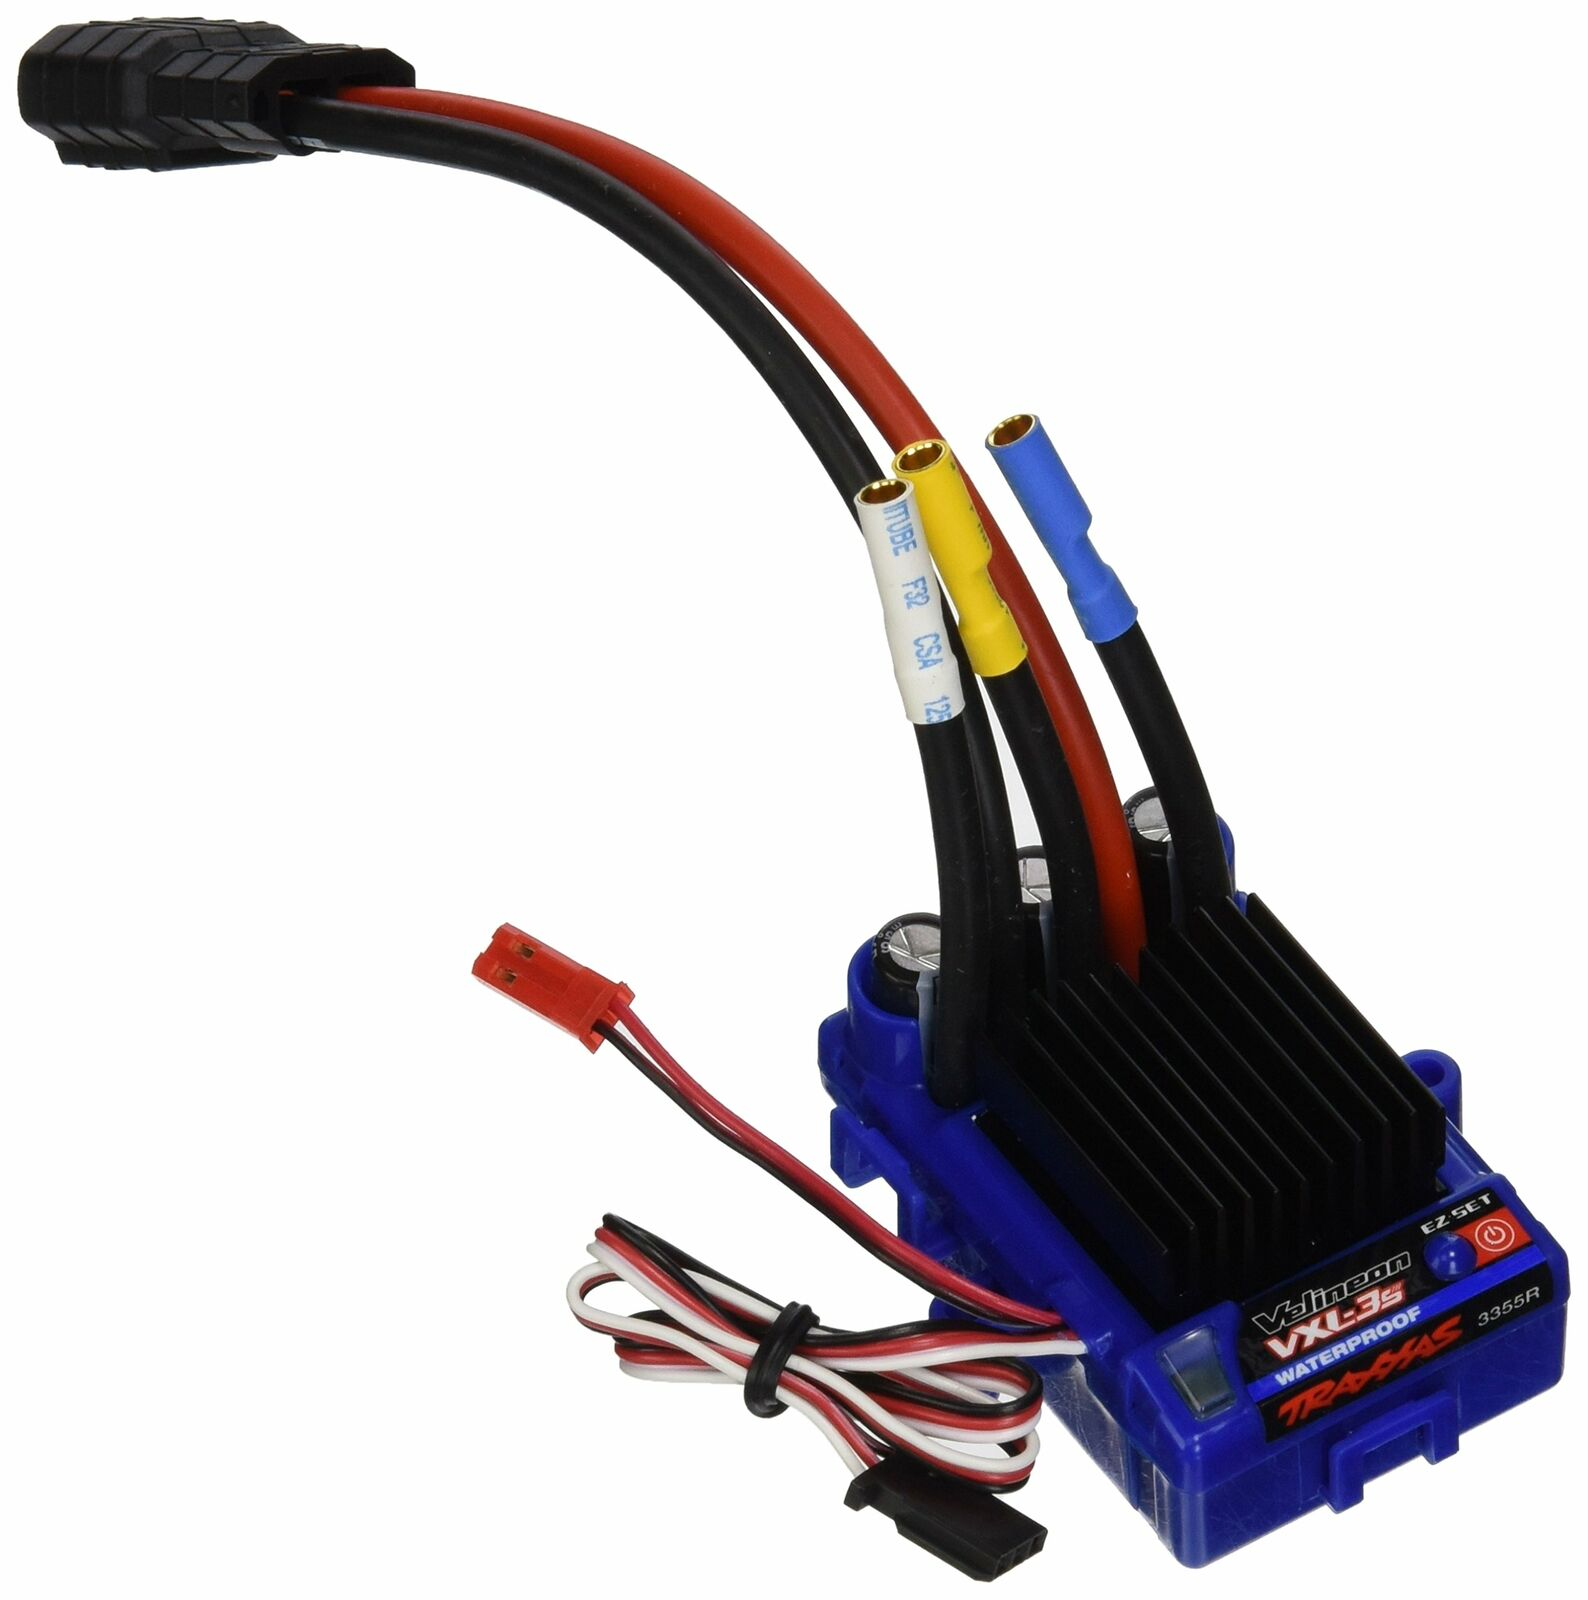 Traxxas 3355R Velineon VXL-3s control electrónico de velocidad, resistente al agua (sin escobillas)